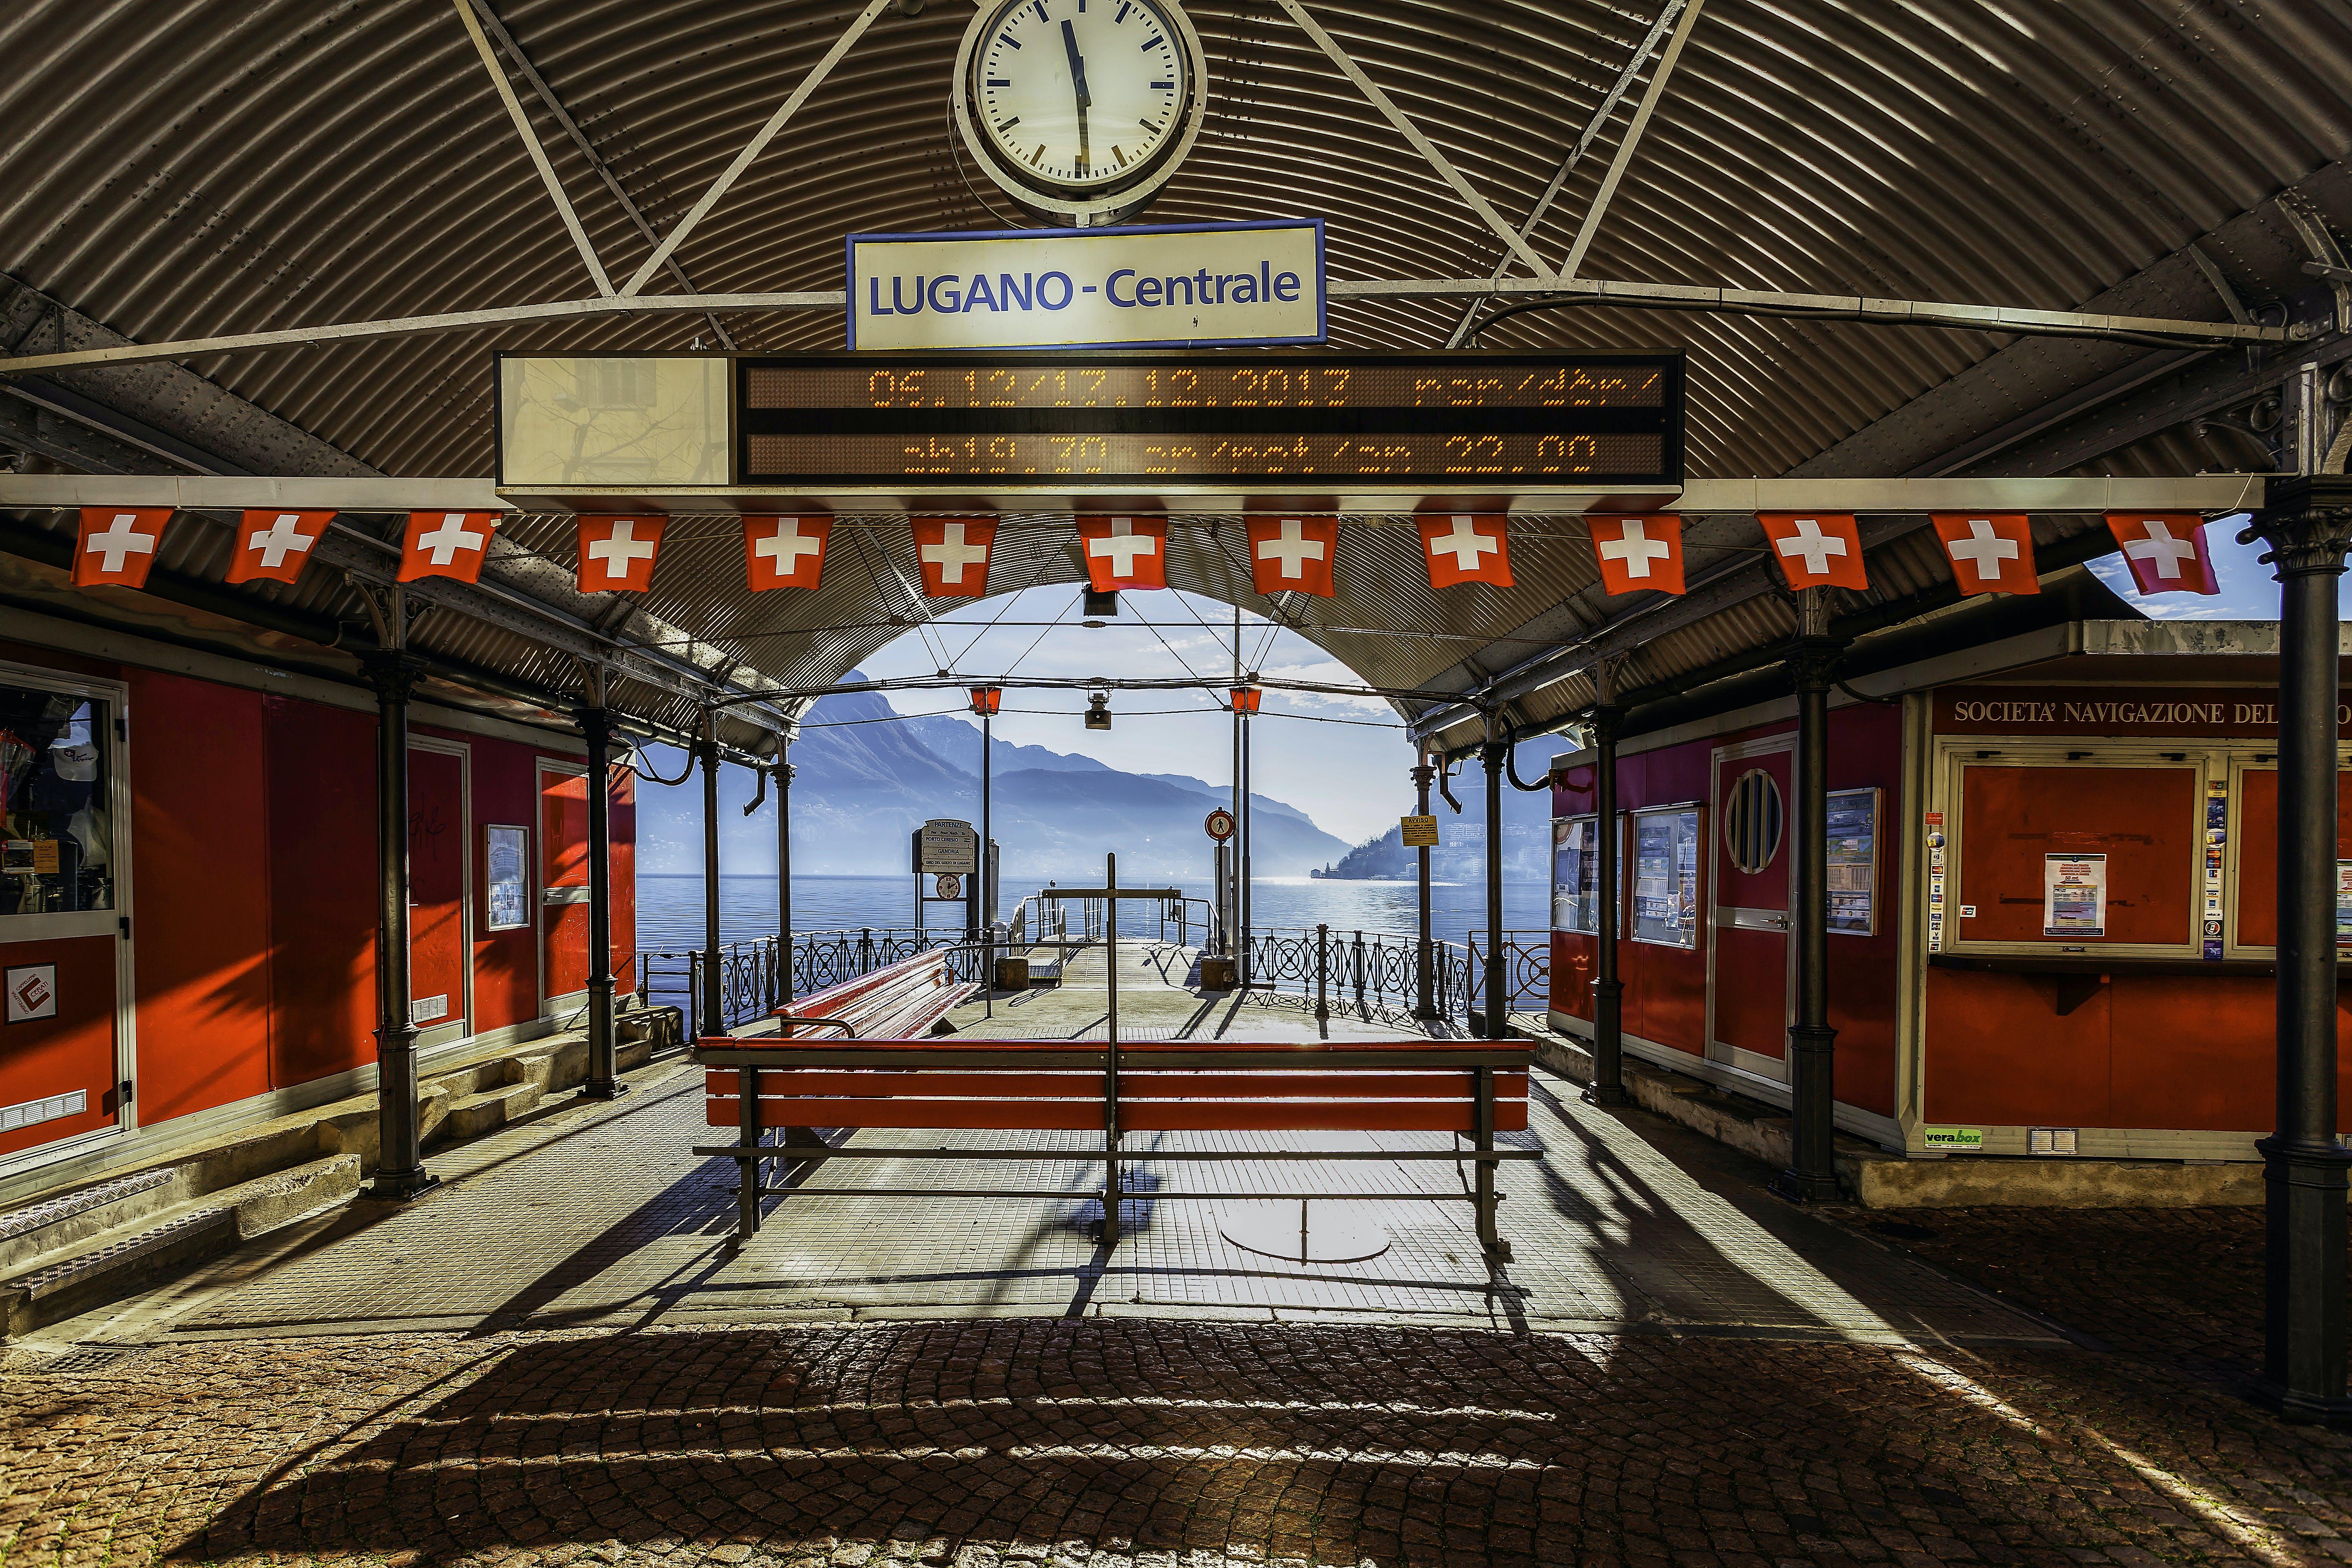 Lugano-centrale Signage